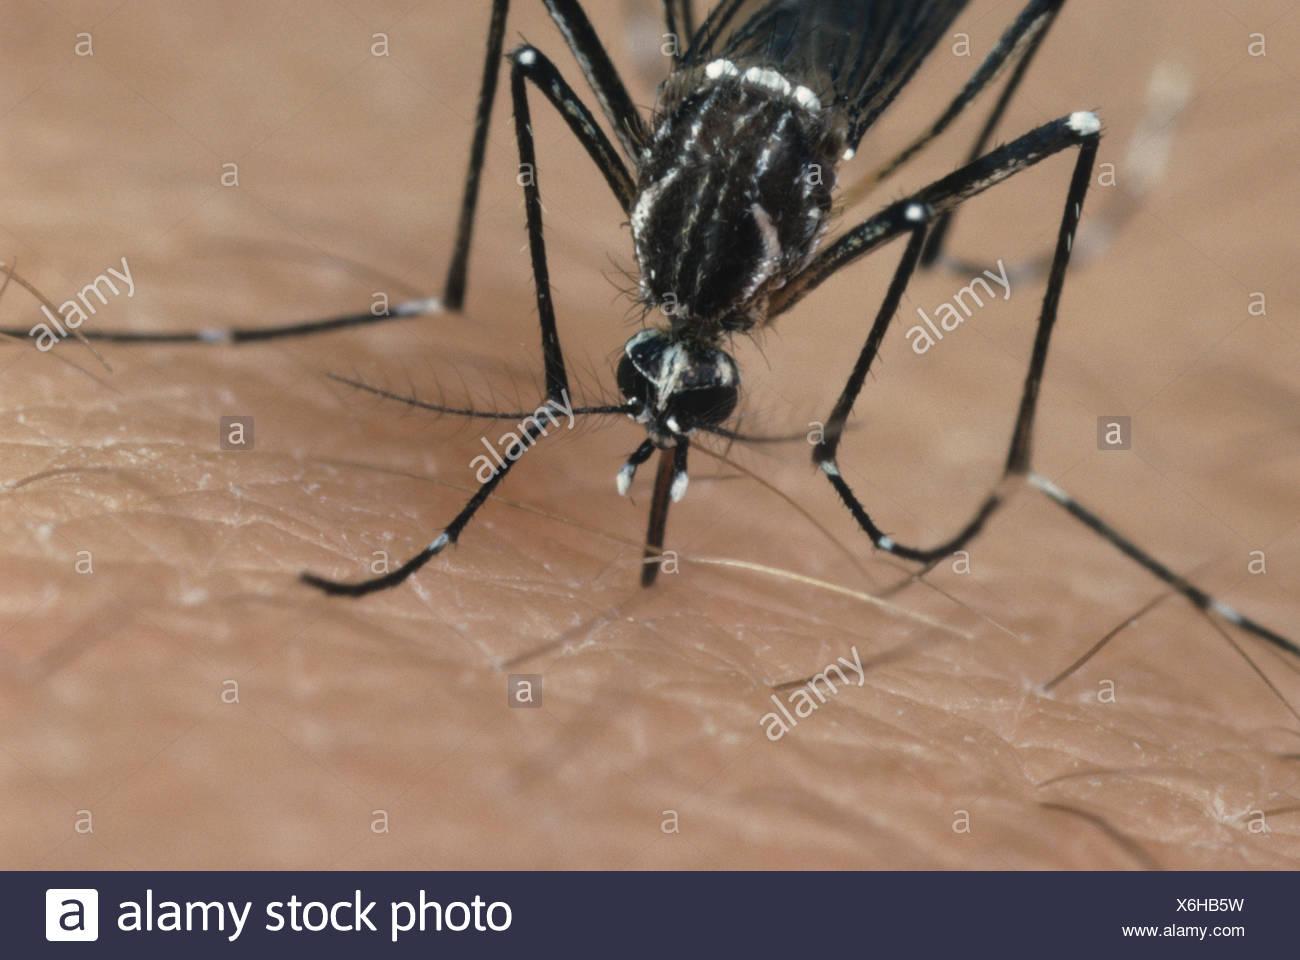 Mosquito Aedes aegypti egipcio un insecto vector de la fiebre yekllow Imagen De Stock